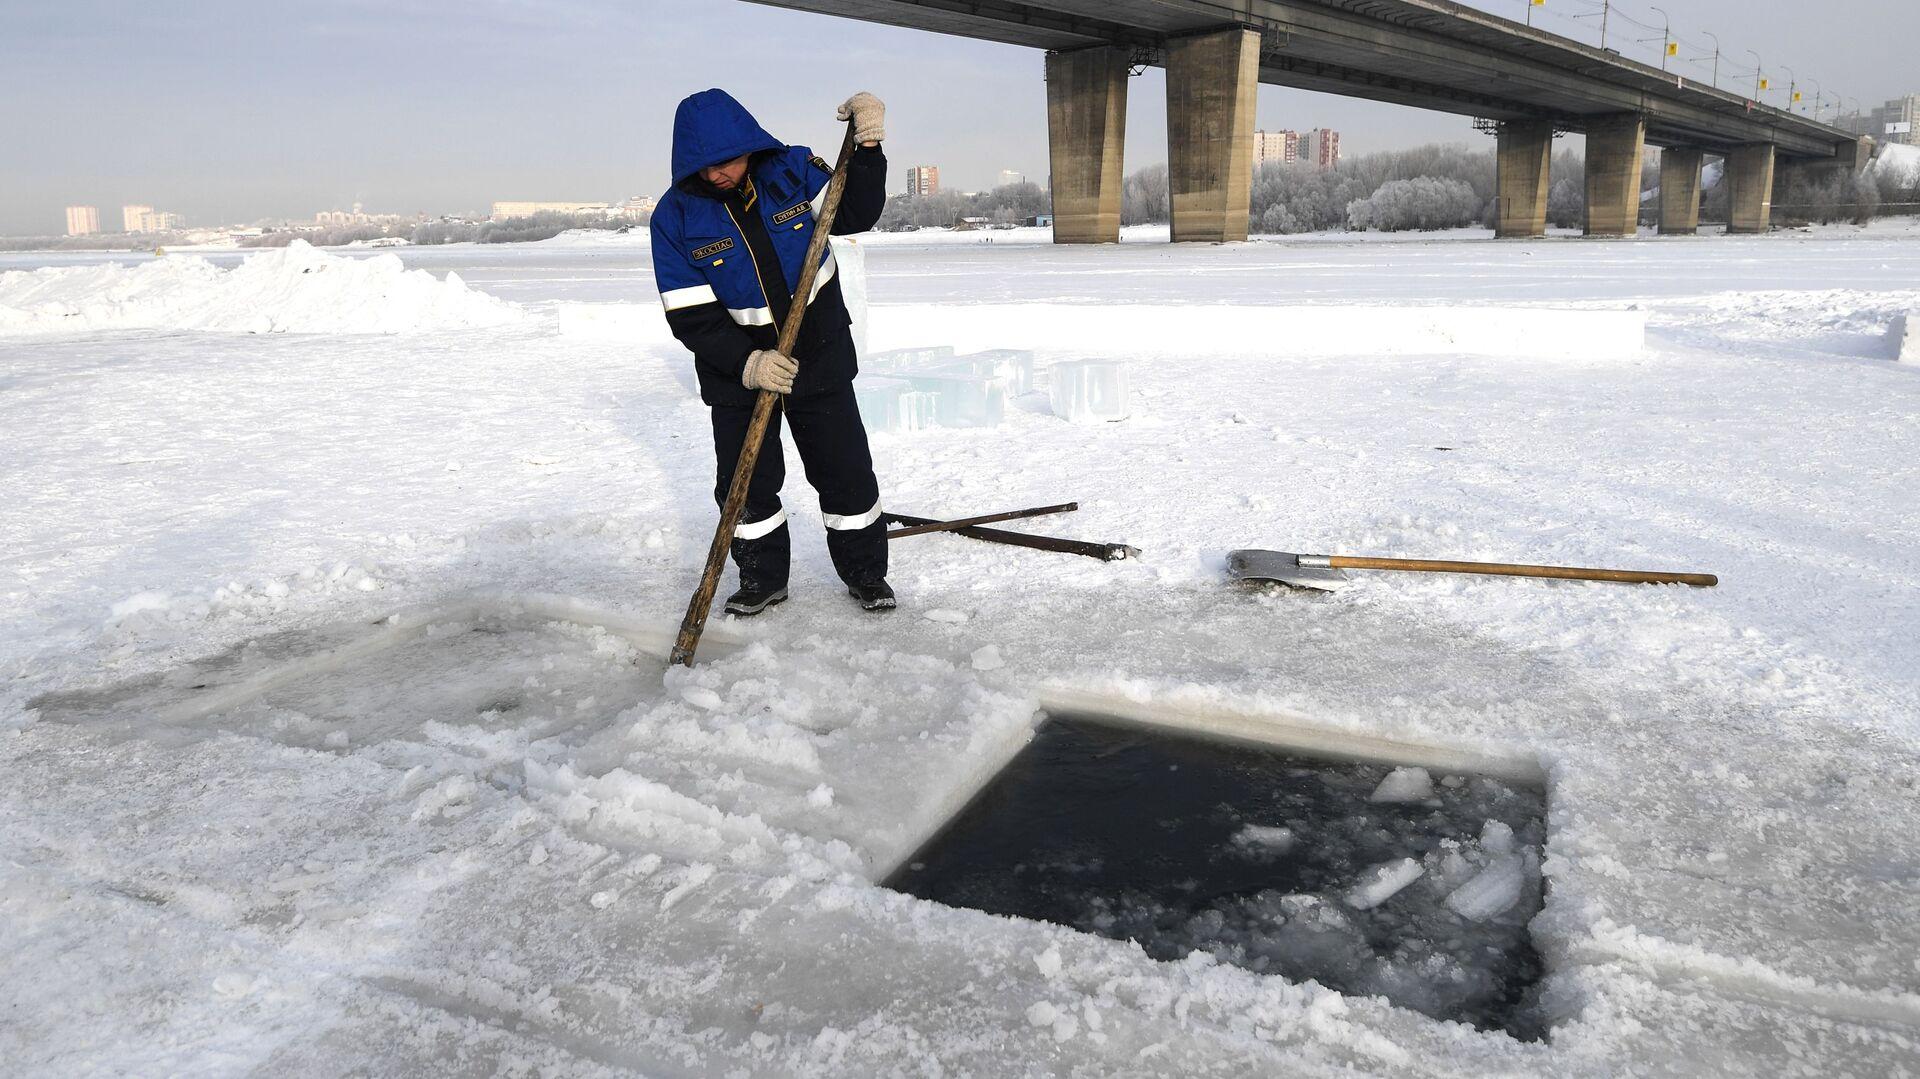 Сотрудник МЧС делает прорубь для крещенской купели на реке Обь - РИА Новости, 1920, 12.01.2021